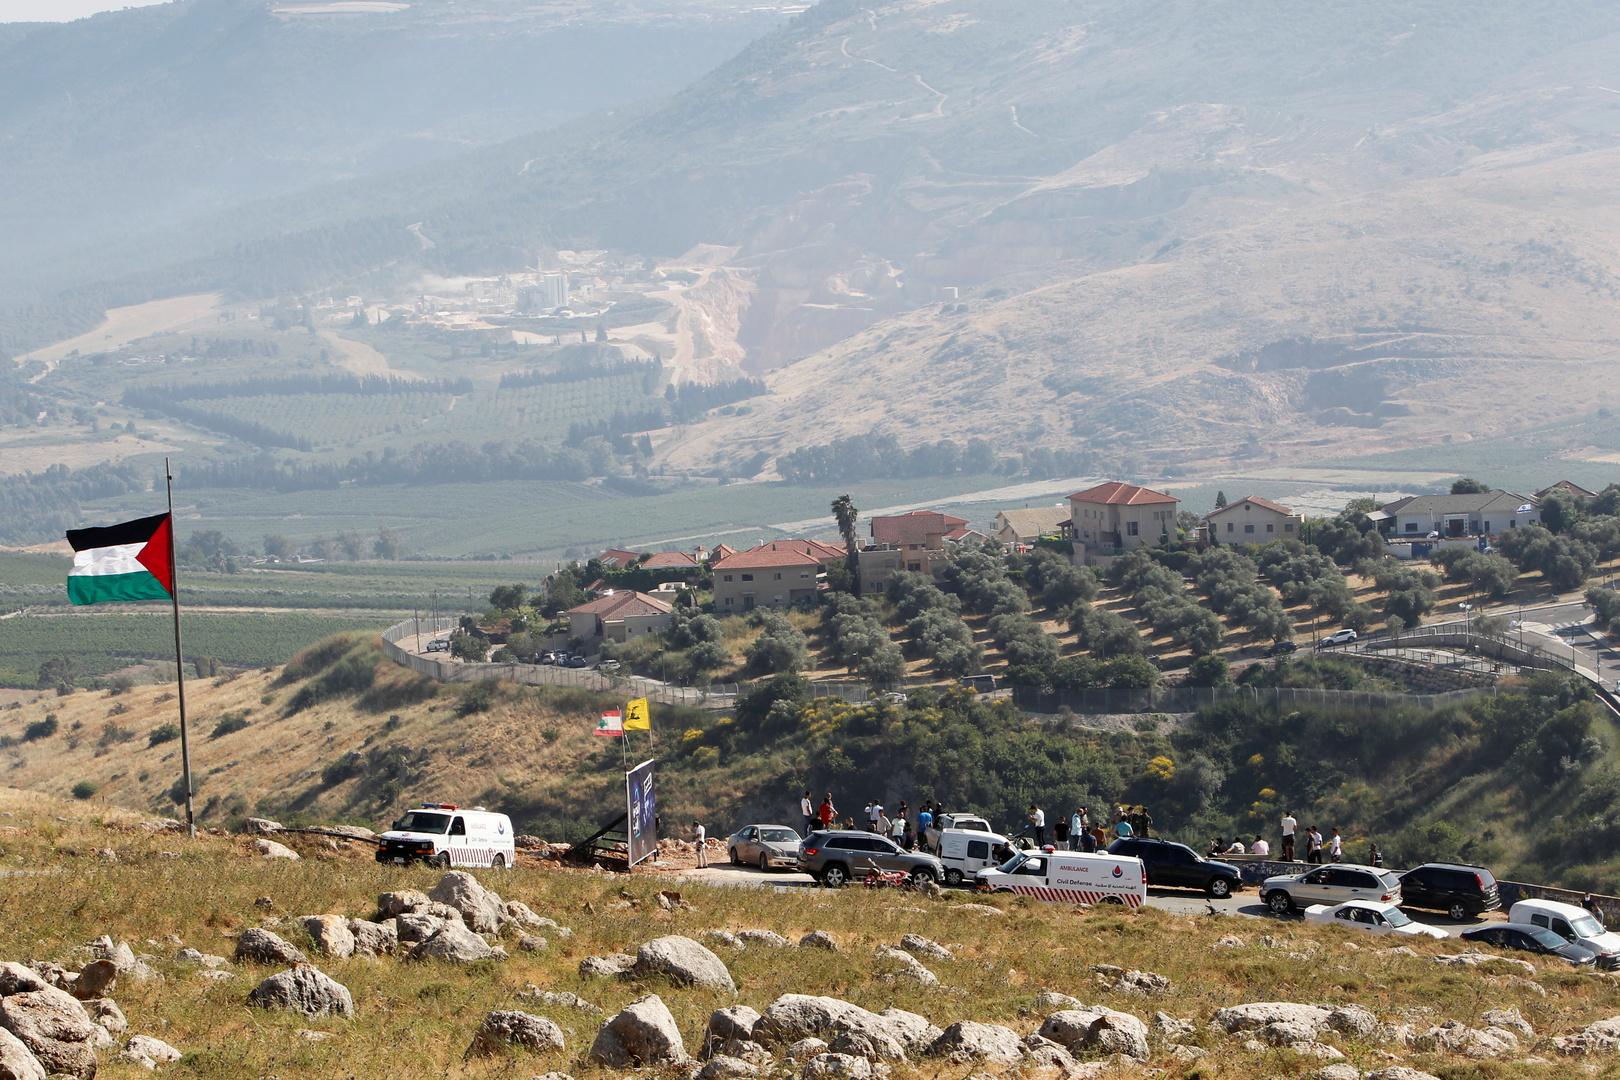 إسرائيل تدعو لبنان لتحمل مسؤوليته بعد مظاهرات أمس على الحدود